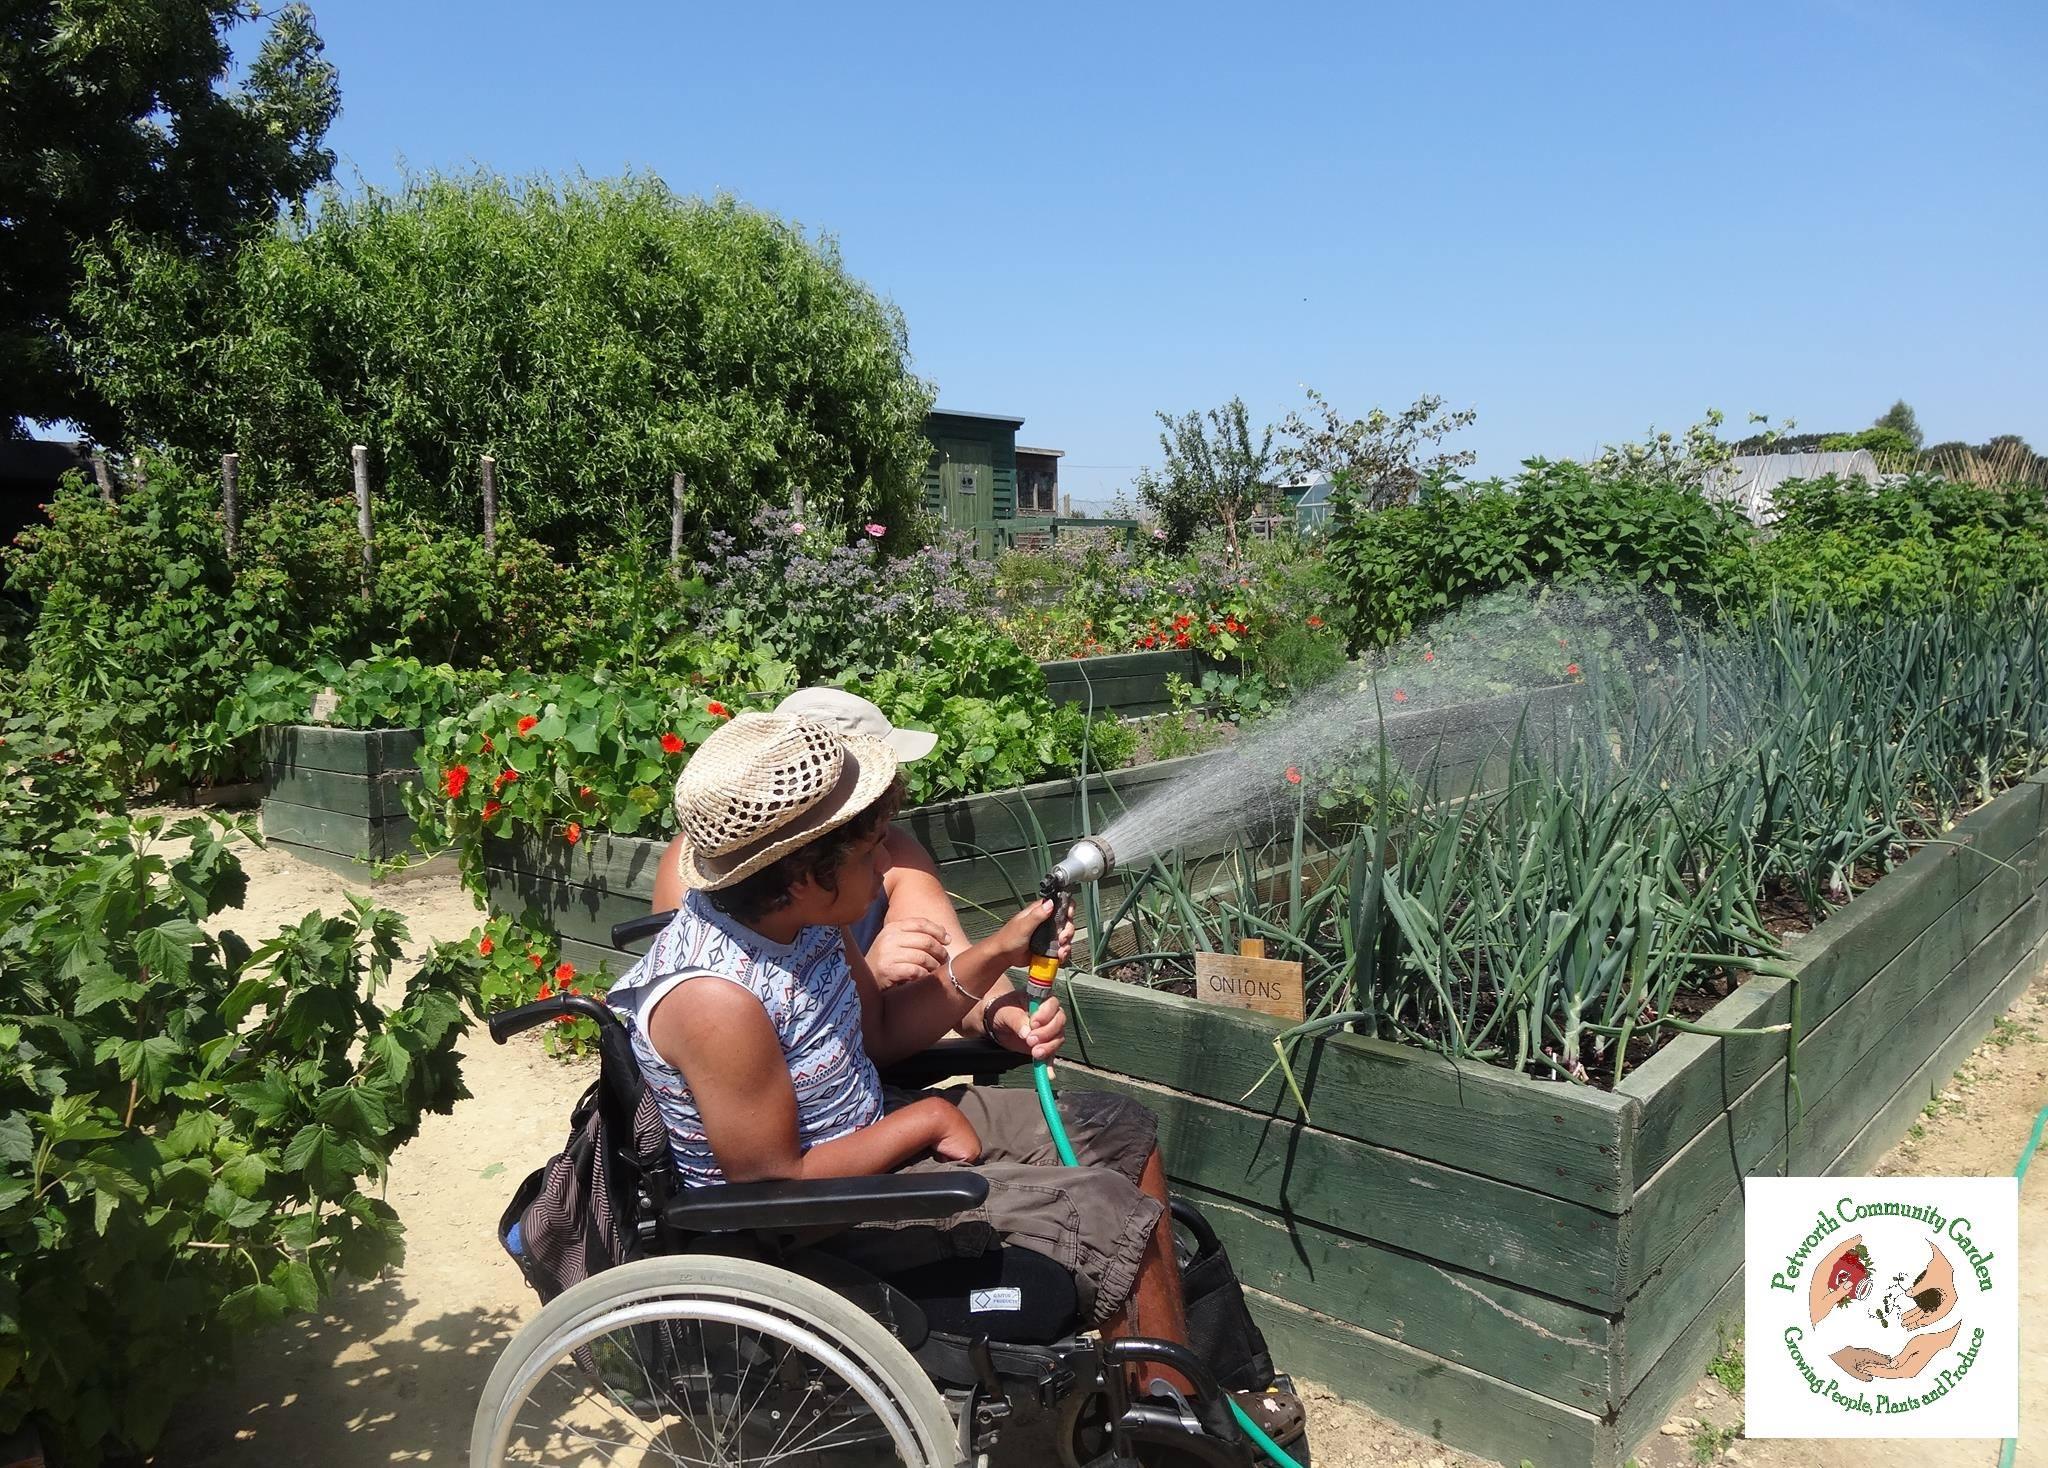 Petworth Community Garden CIC